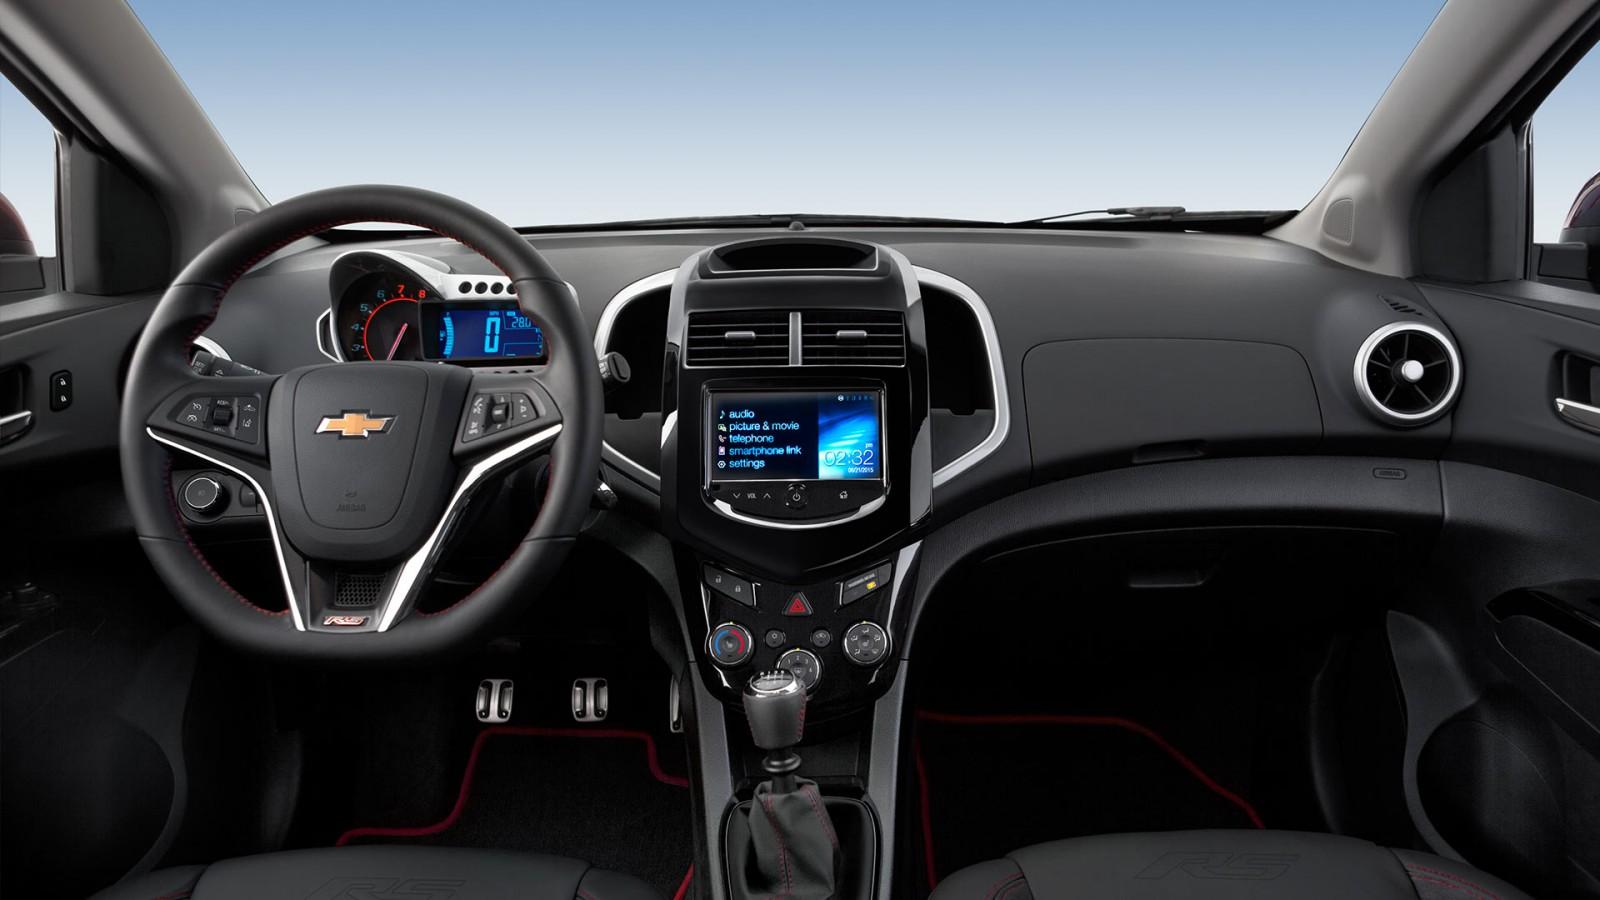 2016 Chevrolet Sonic interior features